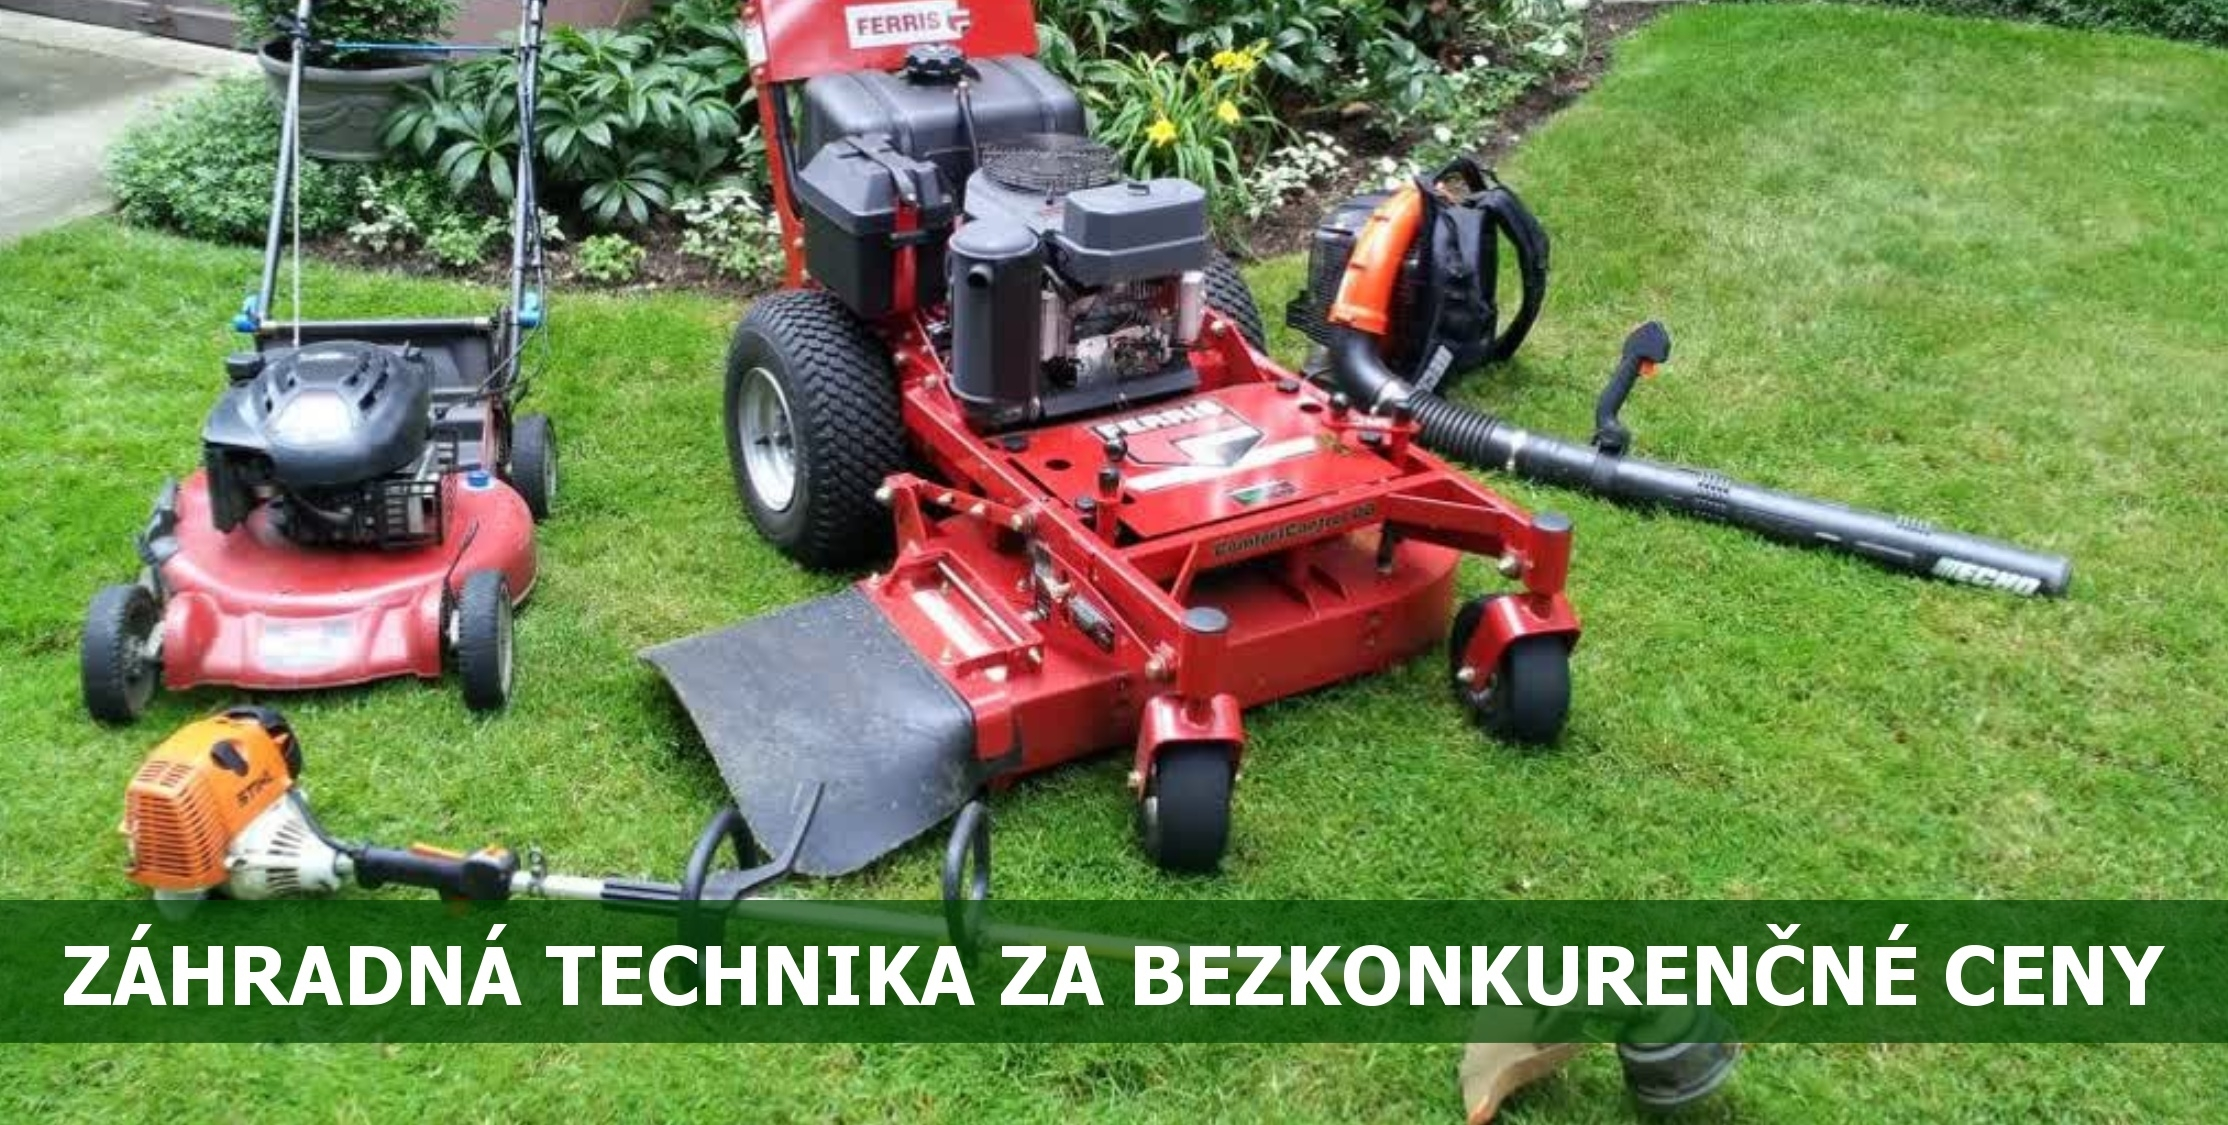 Záhradná technika za bezkonkurenčné ceny